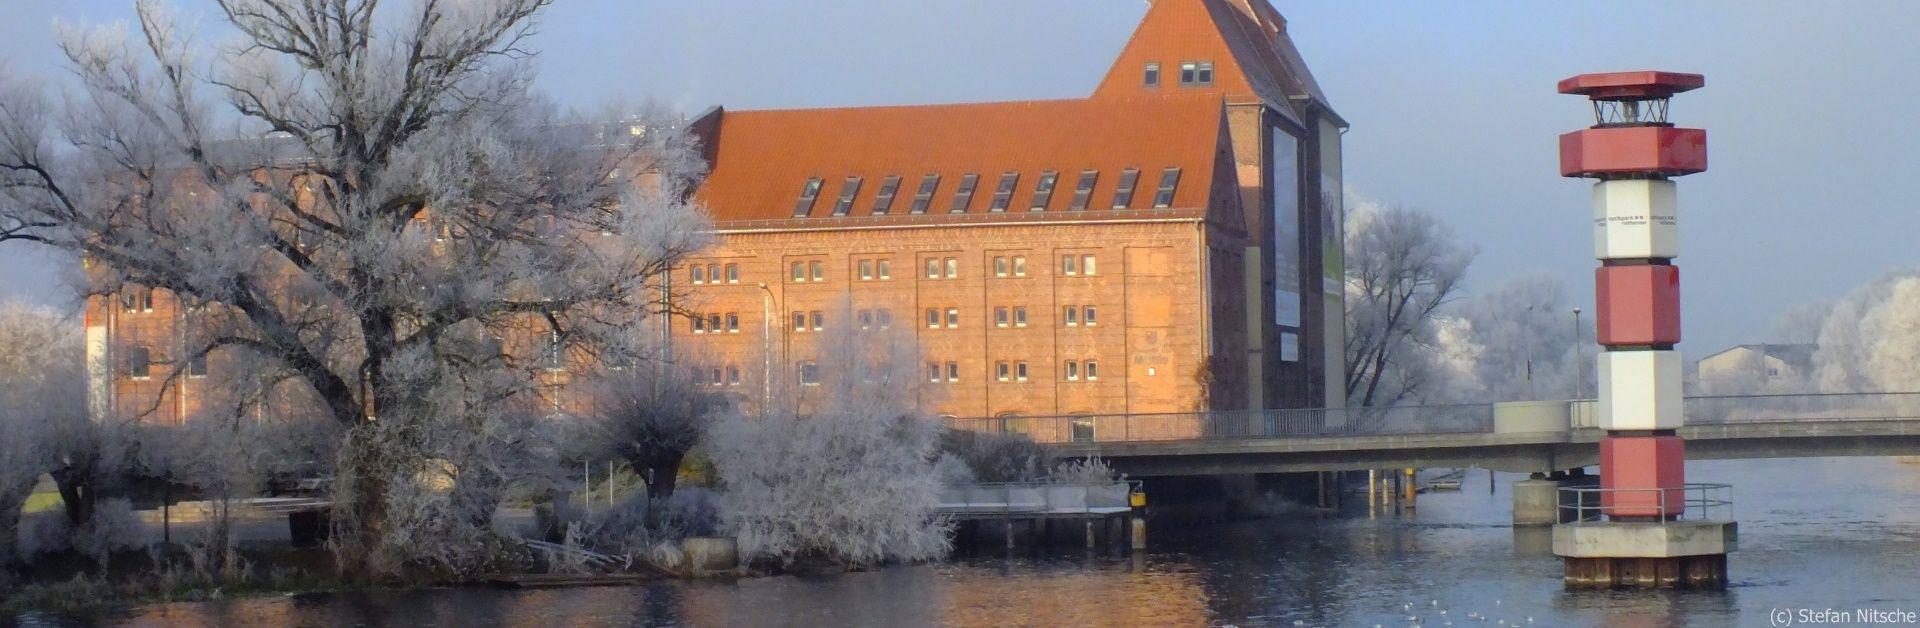 Leuchtturm im Winter (c) Stefan Nitsche